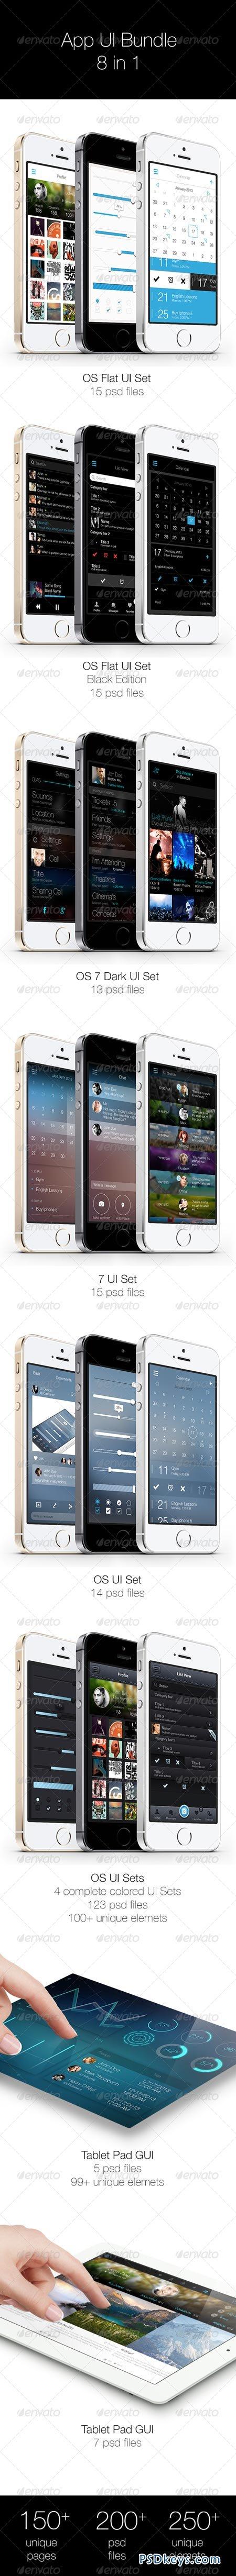 App UI Bundle 8 in 1 6884520